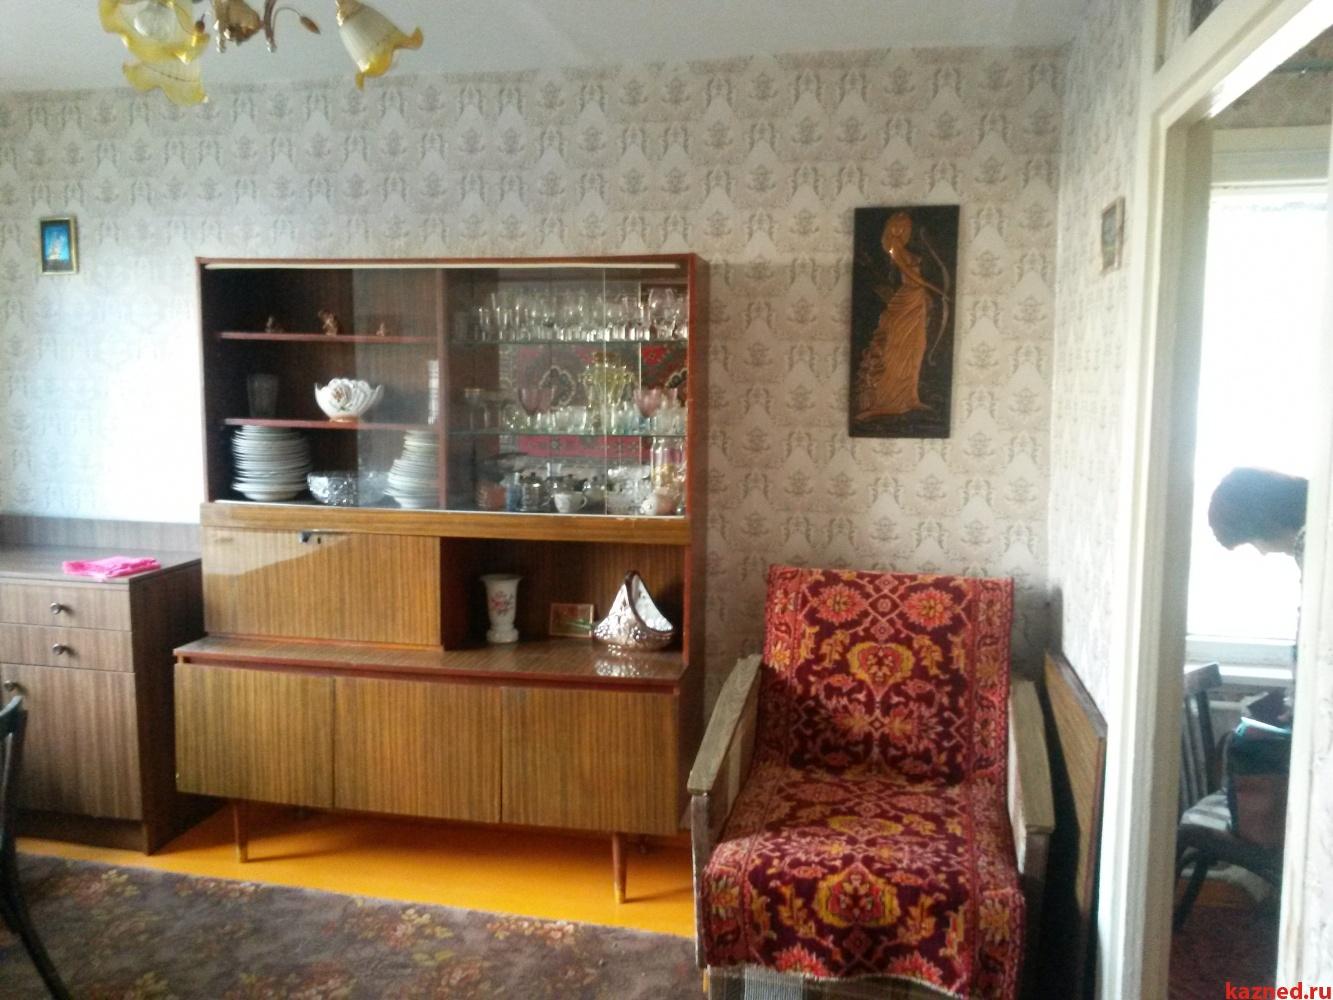 Продажа 2-к квартиры ул.Х.Мавлютова, 30, 38 м² (миниатюра №1)